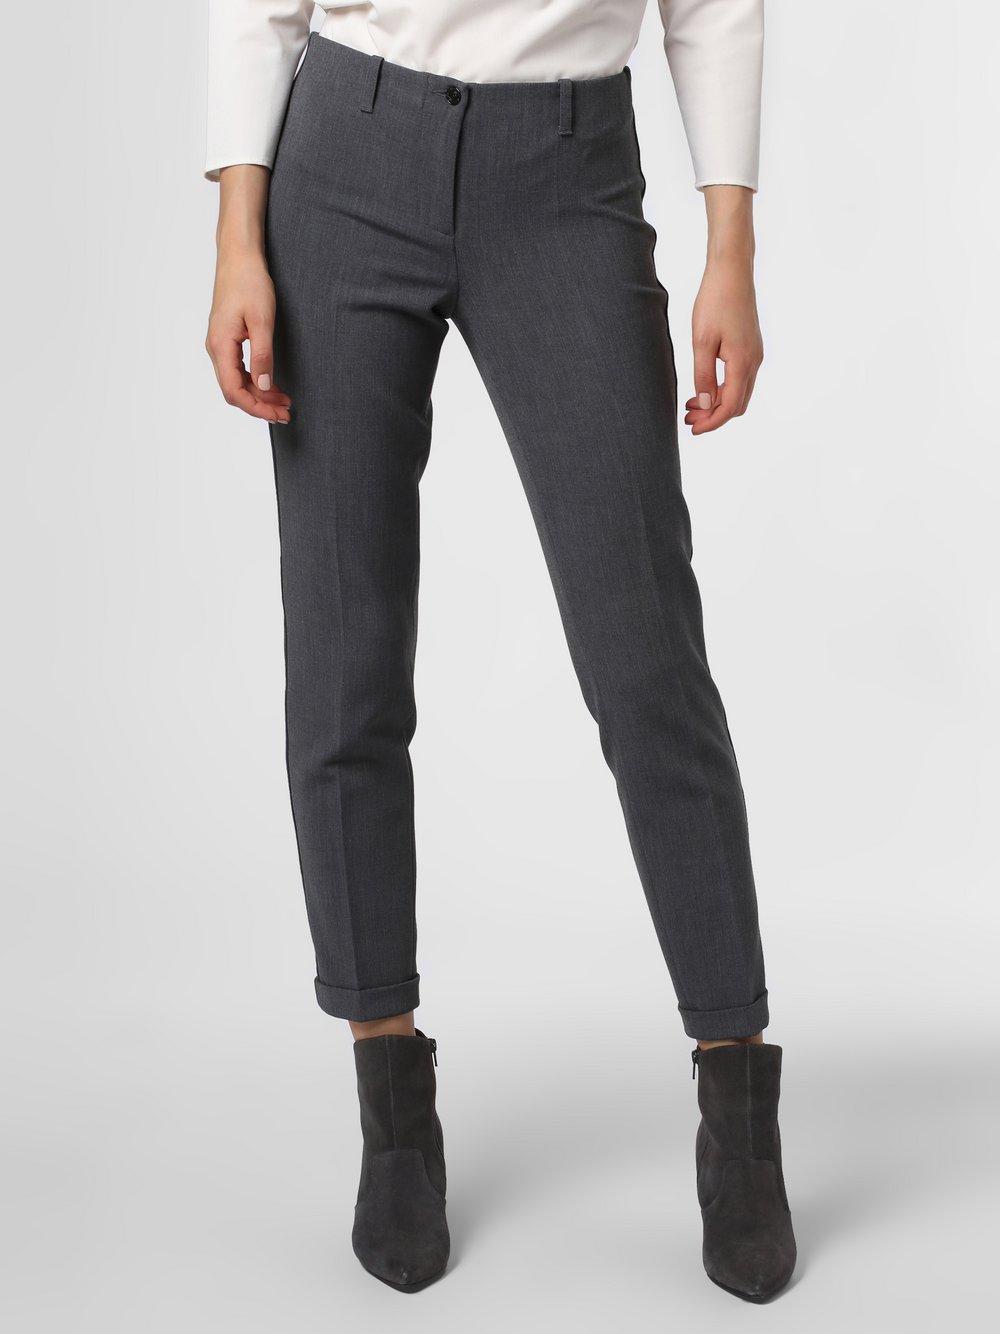 Cambio - Spodnie damskie – Ros, szary